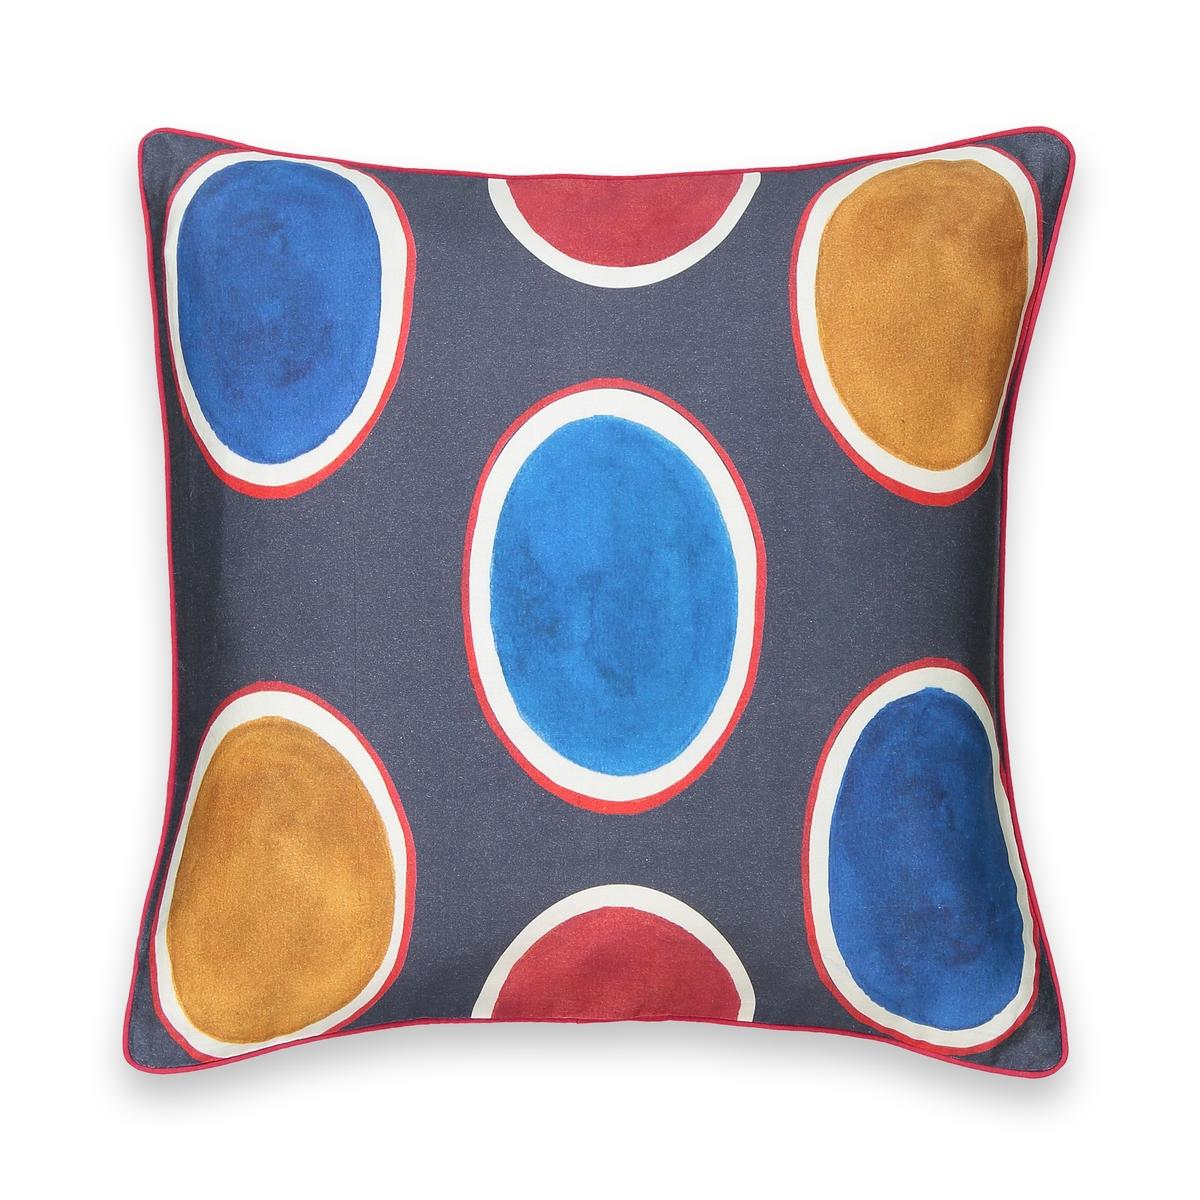 Чехол на подушку-валик, дизайн Генриетты Х. Янсен jan jansen высокие кеды